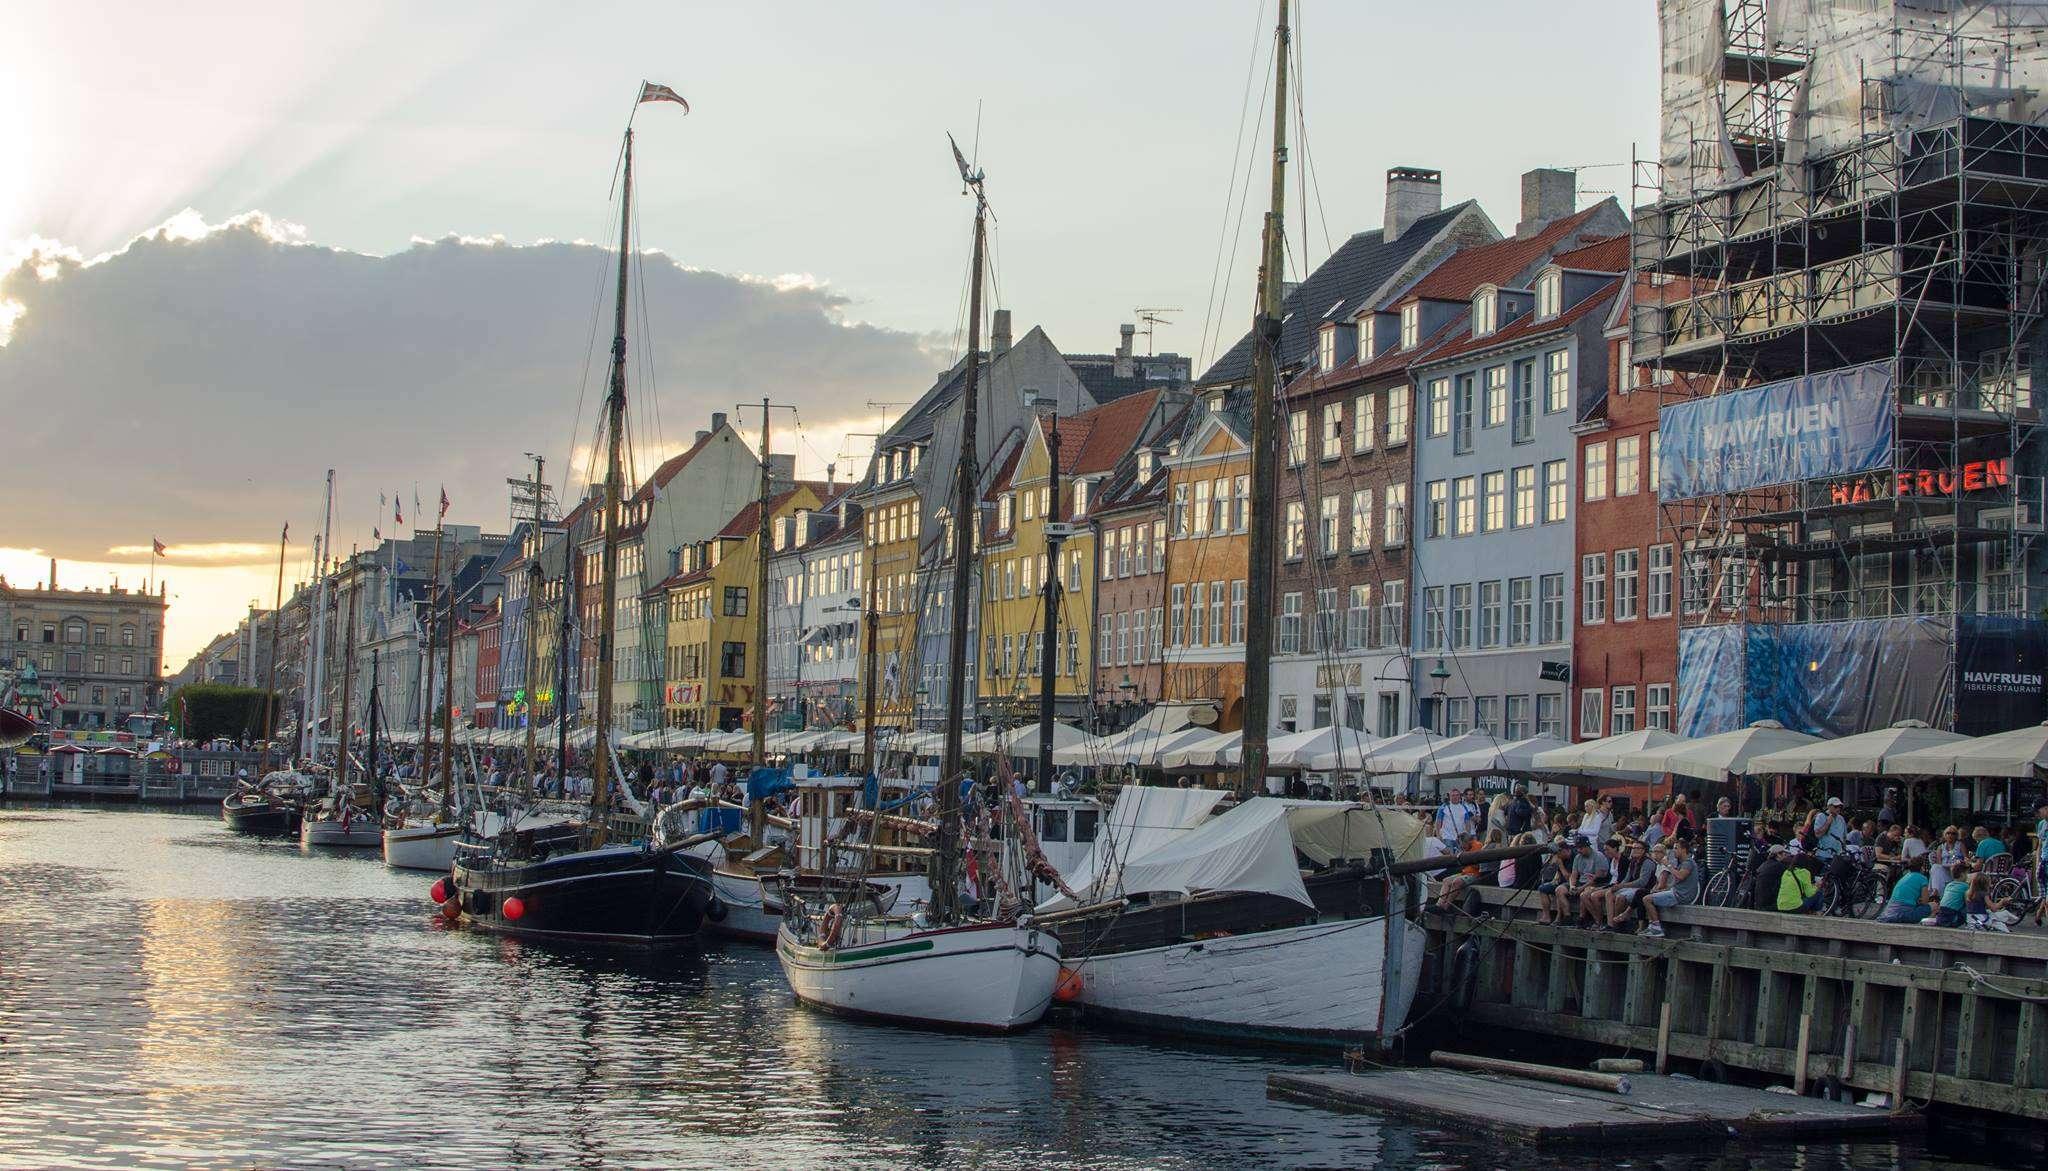 Copenhague - Ma soif d'être nomade ne fit pas dans le moule - Nomad Junkies